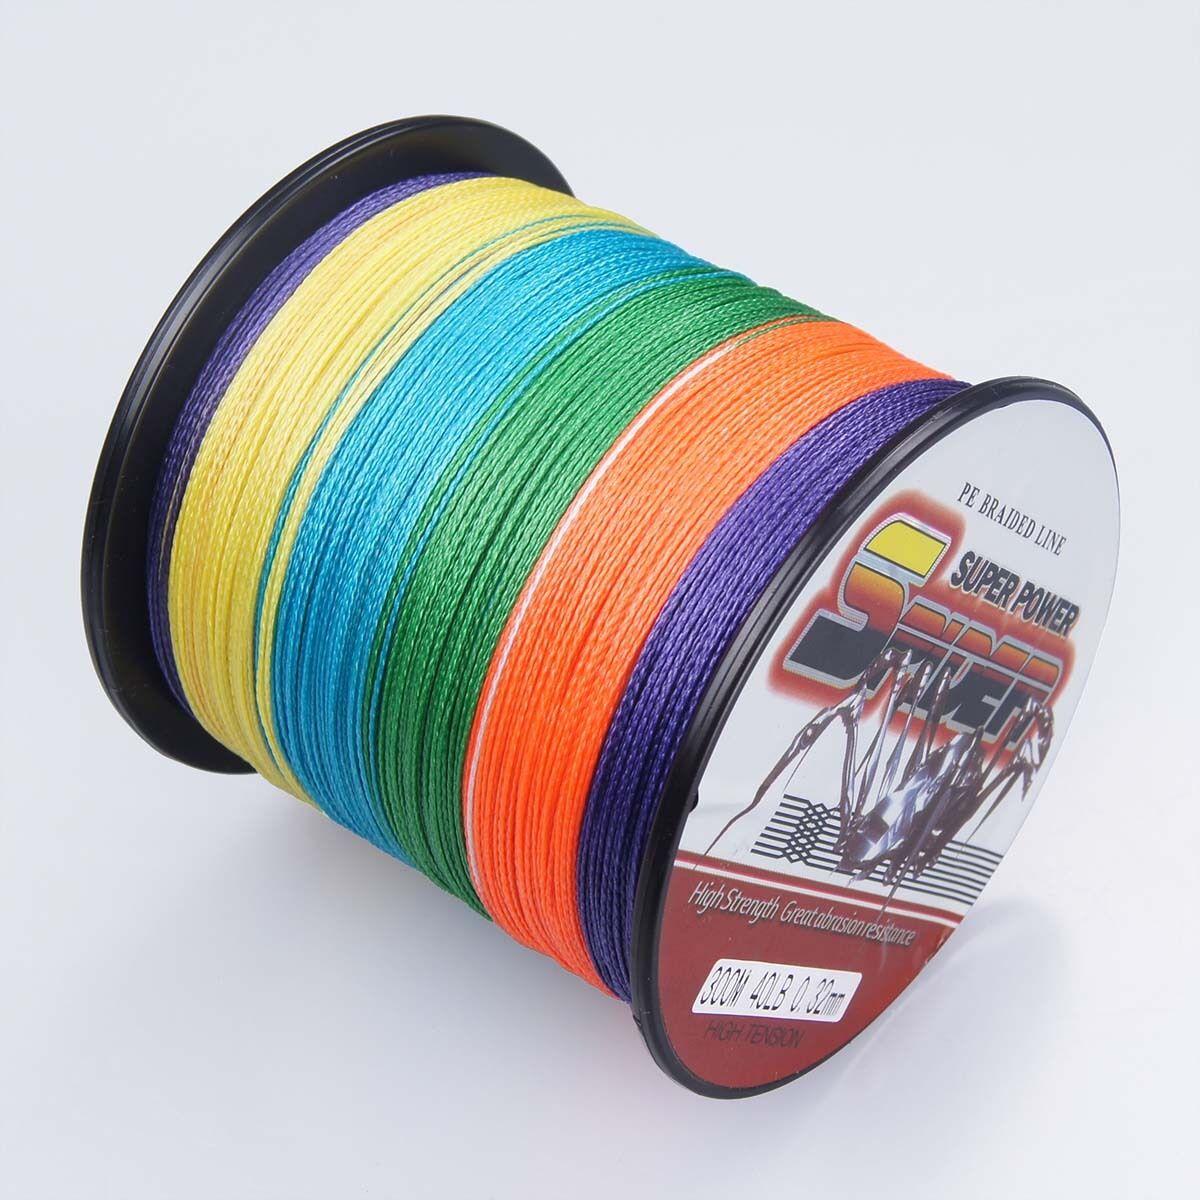 Spider Braid 100m-2000m 10LB300LB 5colors Braided Fishing line Multifilament